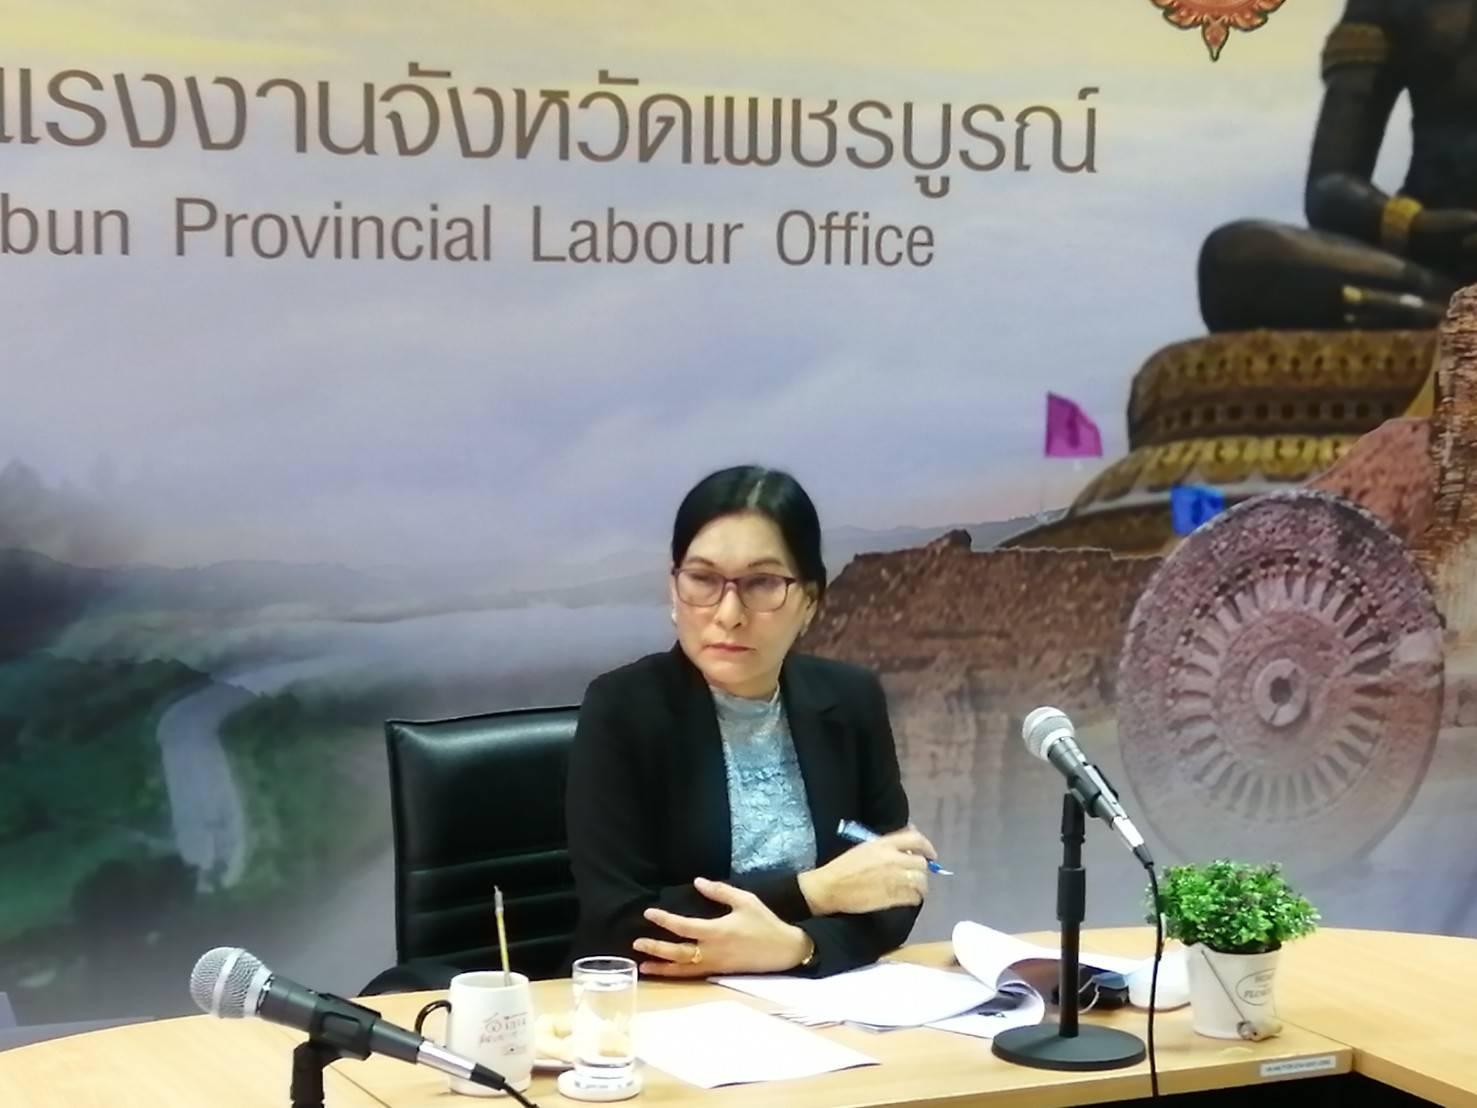 สำนักงานแรงงานจังหวัดเพชรบูุรณ์ จัดประชุมหัวหน้าส่วนหน่วยงานในสังกัดกระทรวงแรงงานจังหวัดเพชรบูรณ์ เพื่อรับทราบนโยบายรัฐมนตรีว่าการกระทรวงแรงงาน และรัฐมนตรีช่วยว่าการกระทรวงแรงาน และรายงานผลการดำเนินงานของส่วนราชการสังกัดกระทรวงแรงงานจังหวัดเพชรบูรณ์